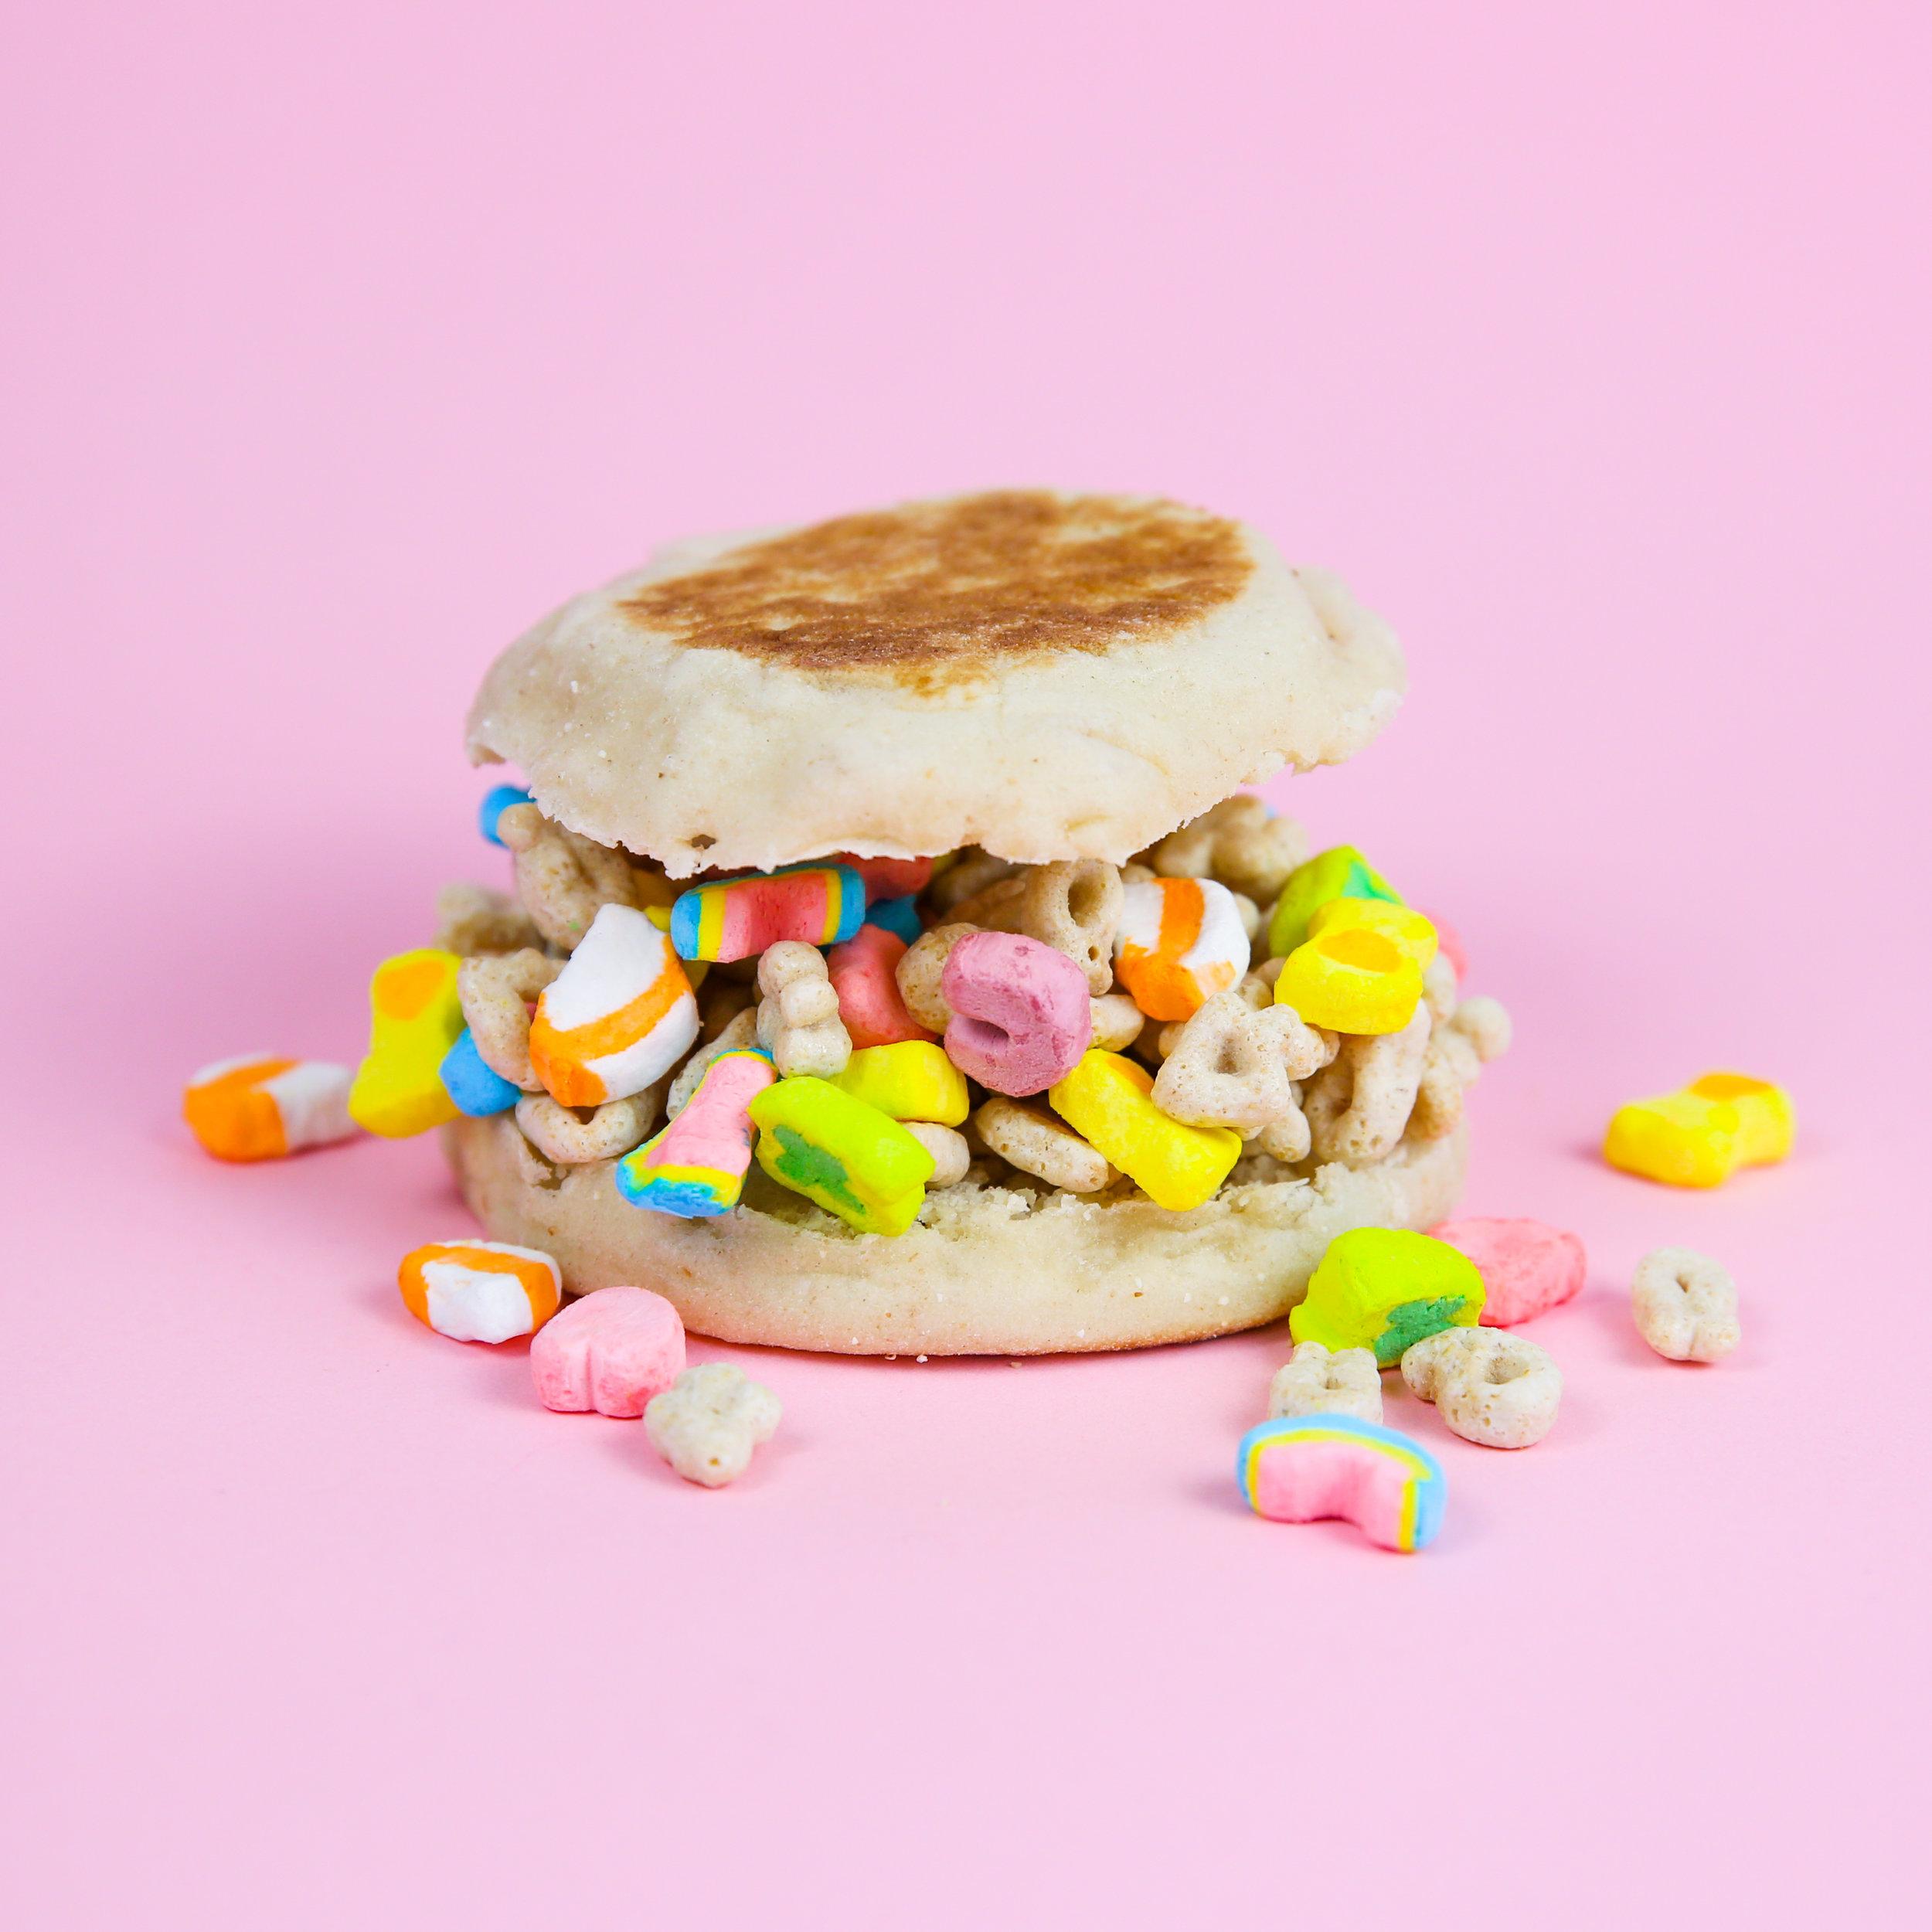 ColetteRobinson_BreakfastSandwich.jpg